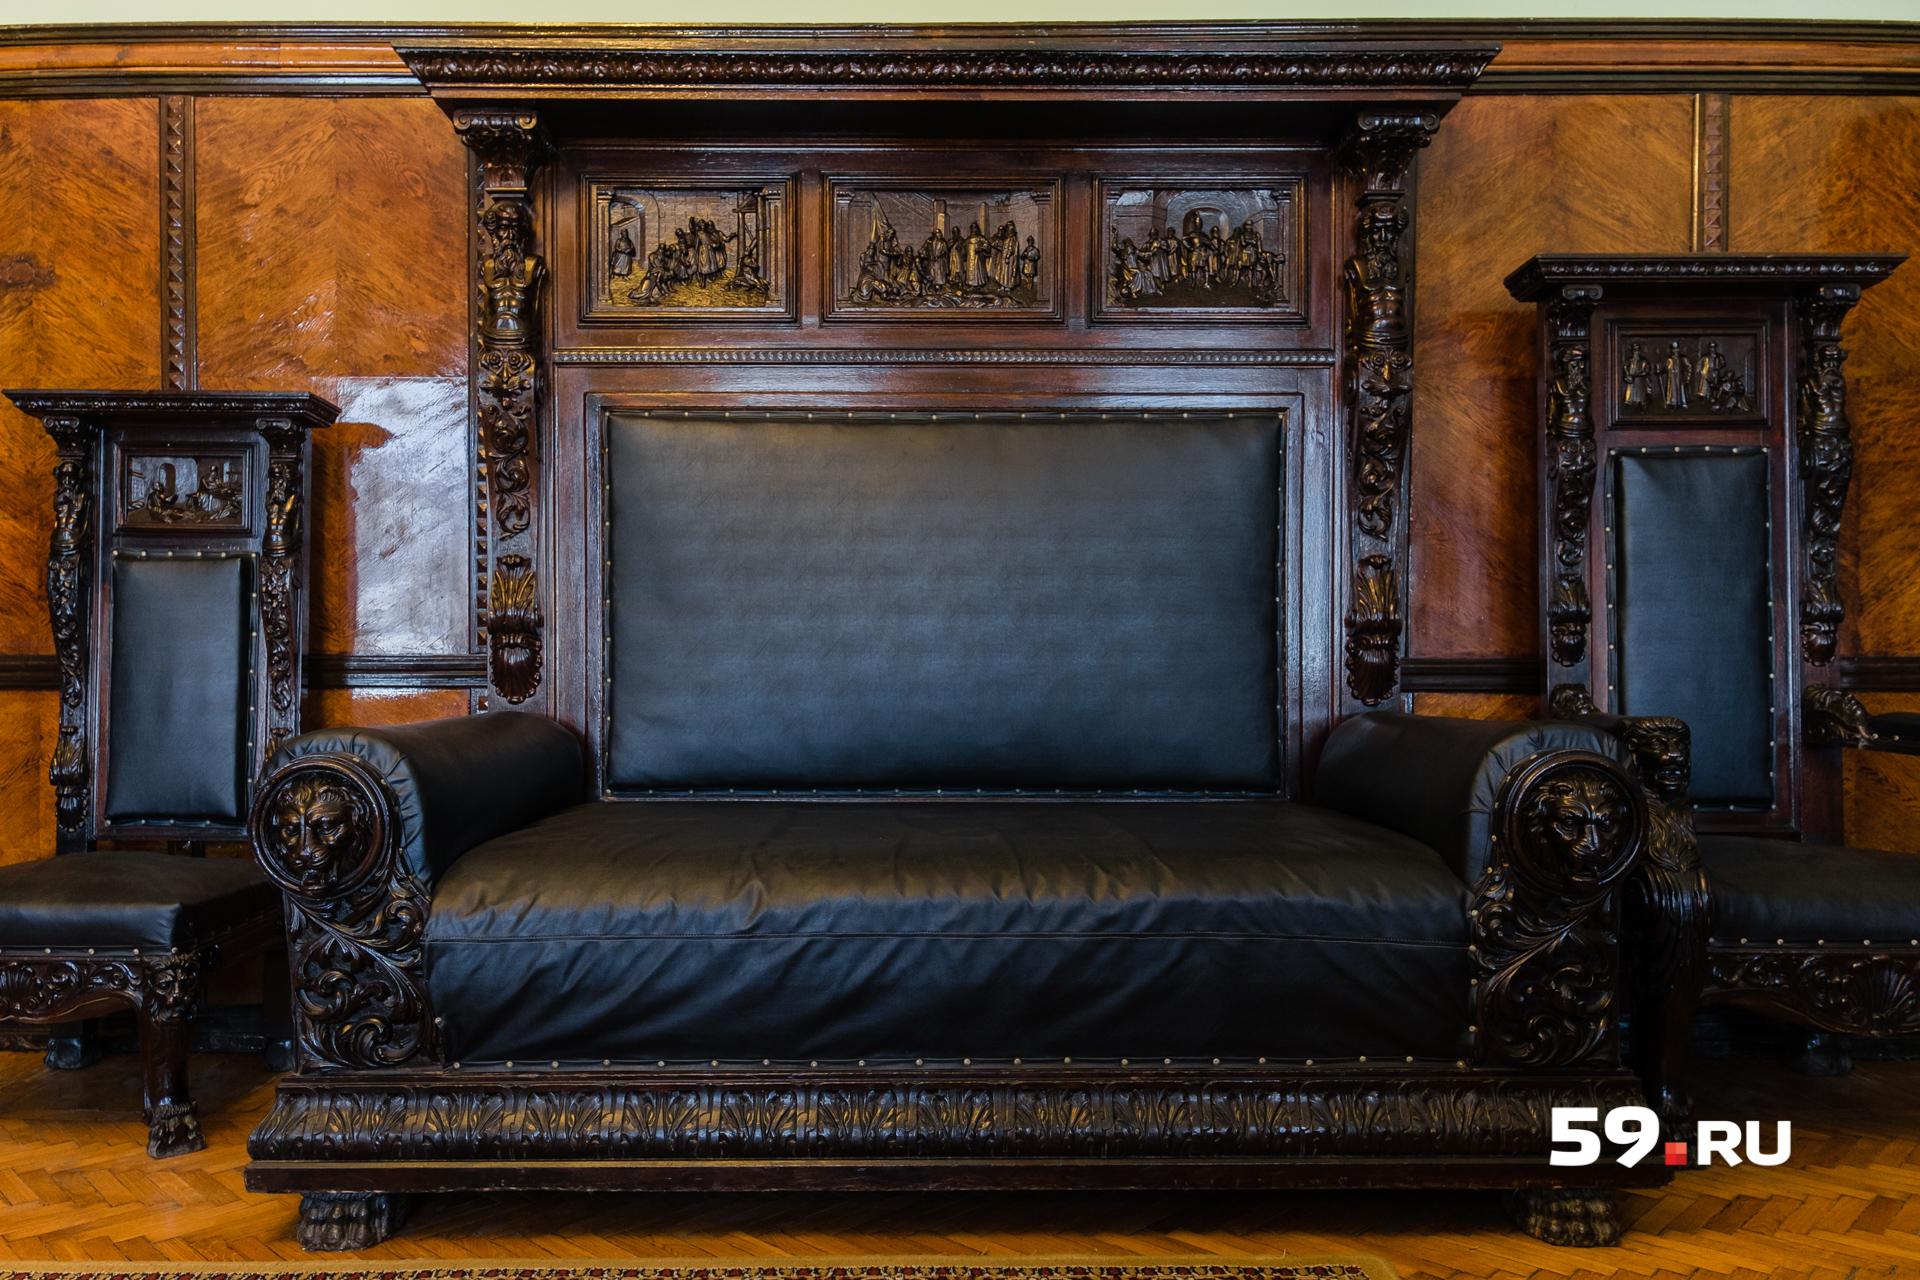 Историки до сих пор не знают точной даты изготовления этой мебели